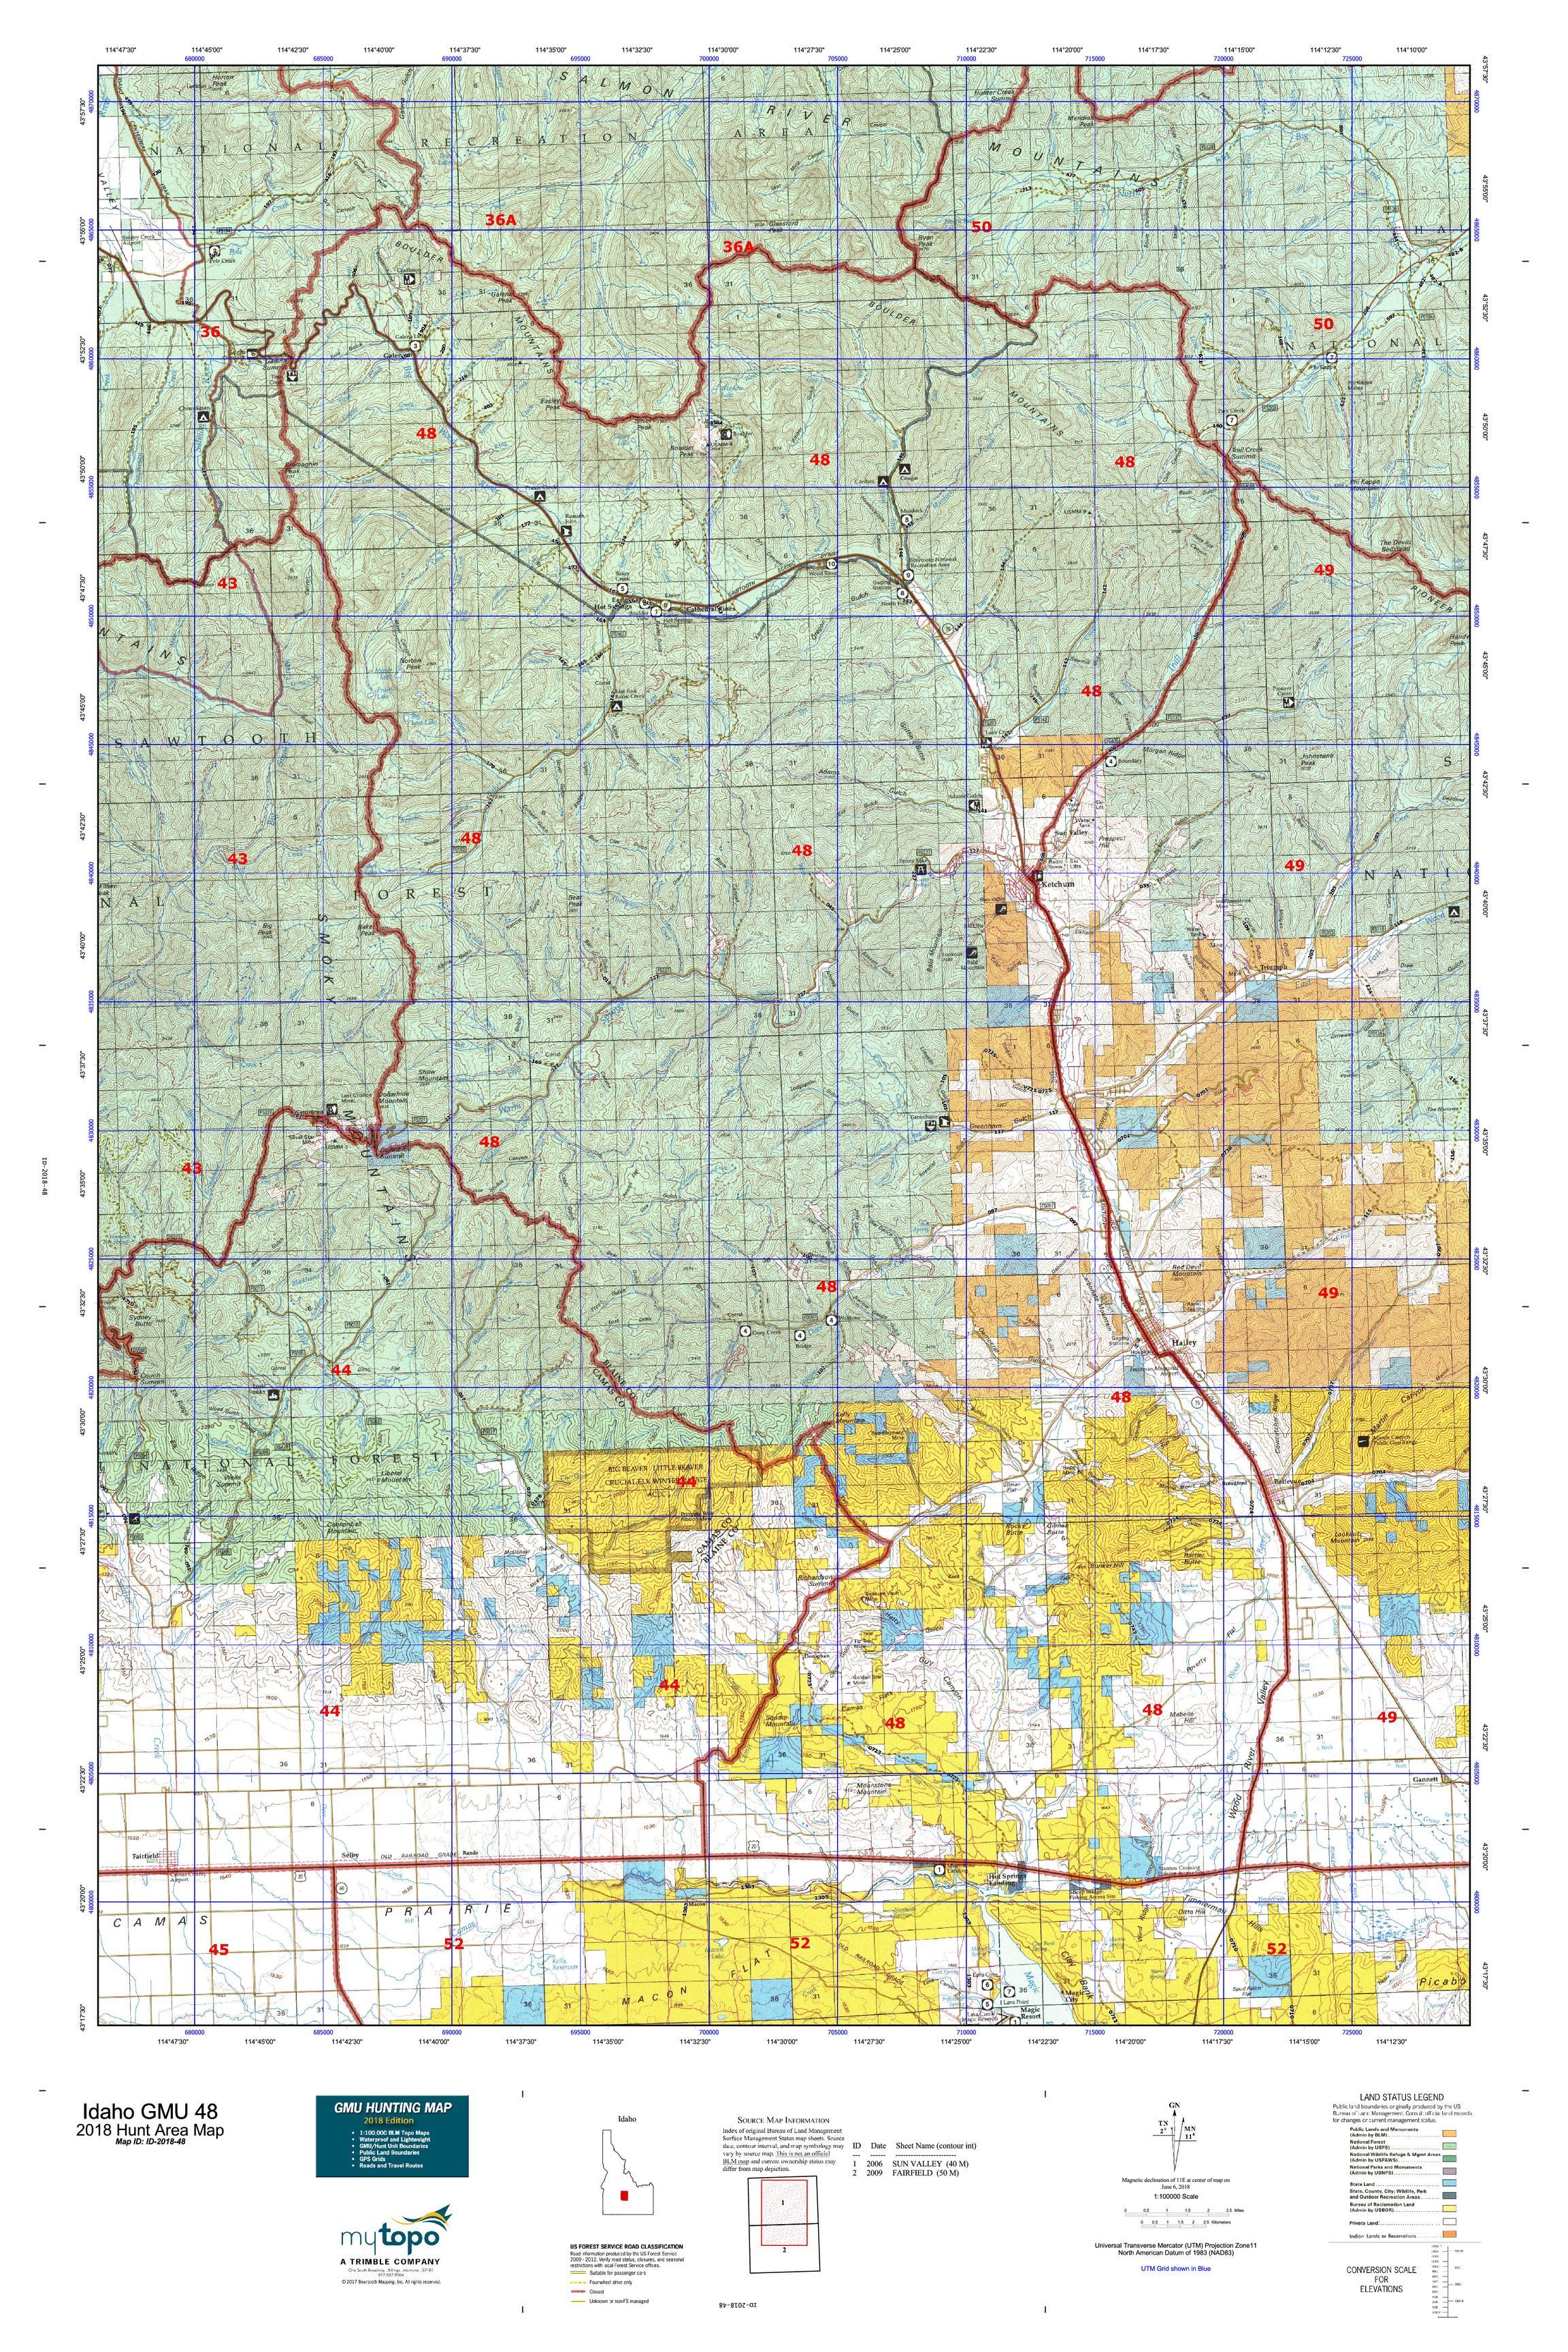 Blm Land Idaho Map.Idaho Gmu 48 Map Mytopo